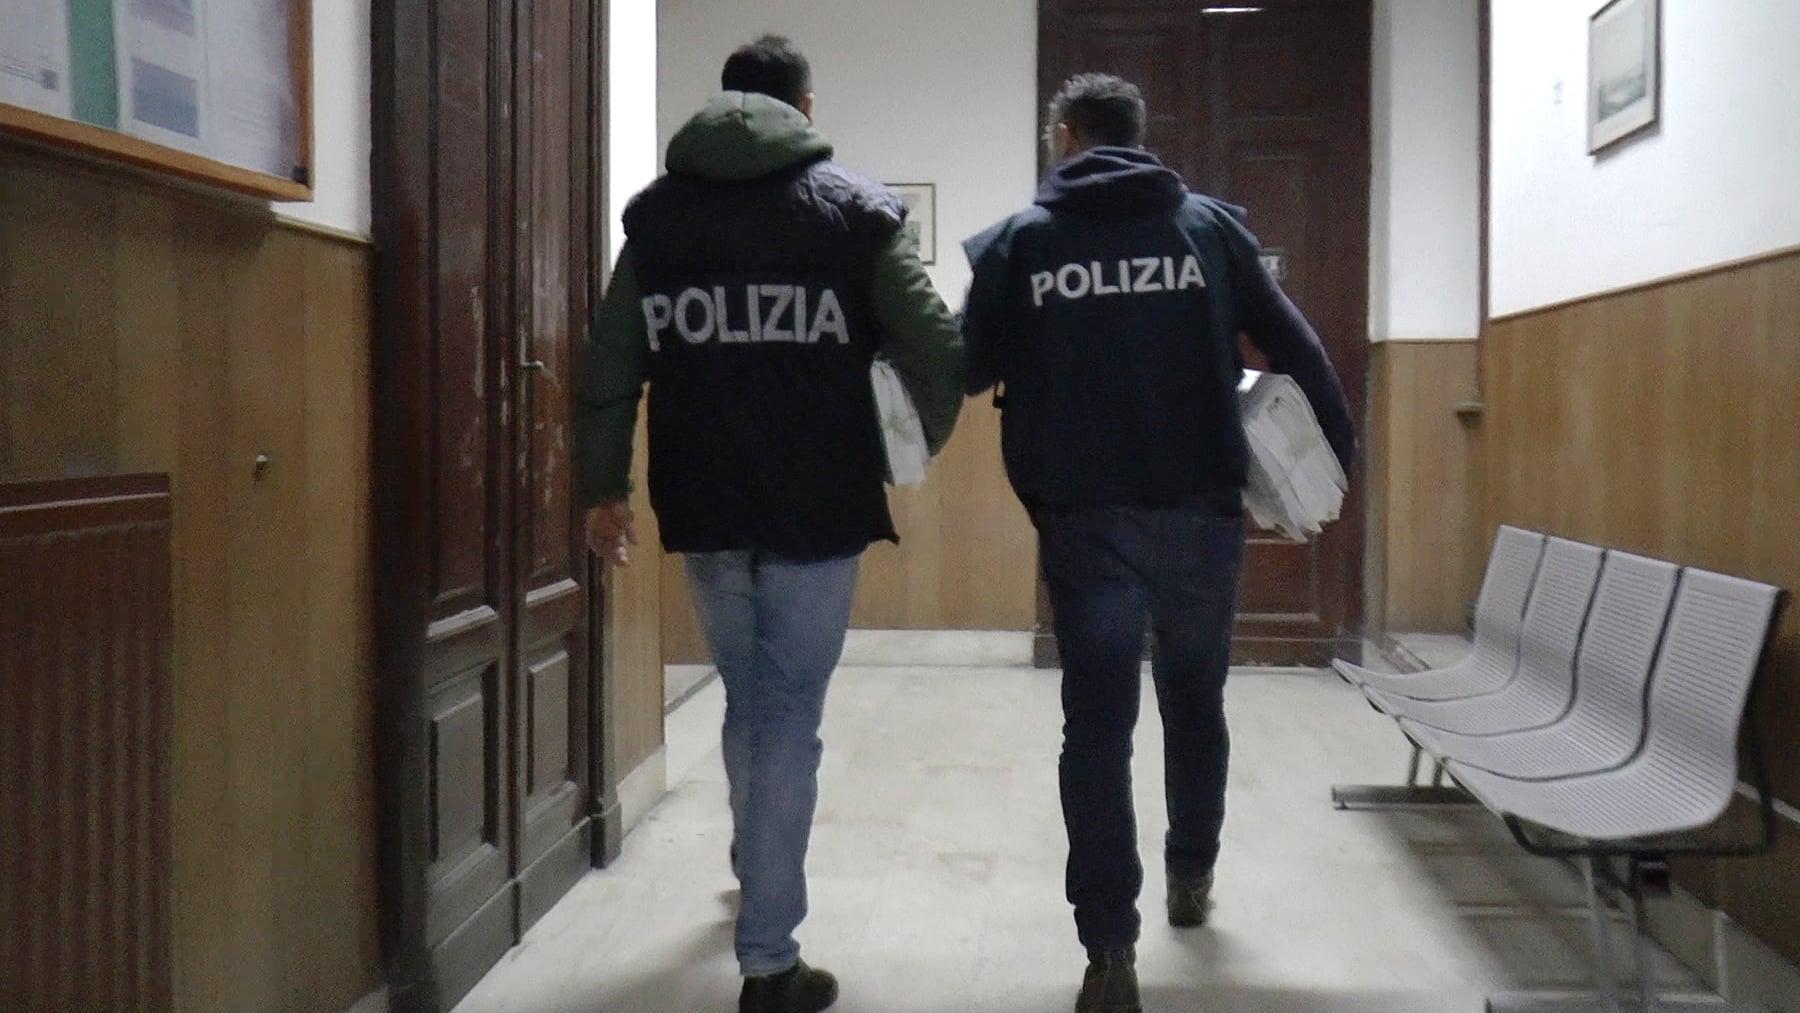 Tratta di persone e prostituzione per oltre 1 milione di euro: sgominato sodalizio criminale nigeriano